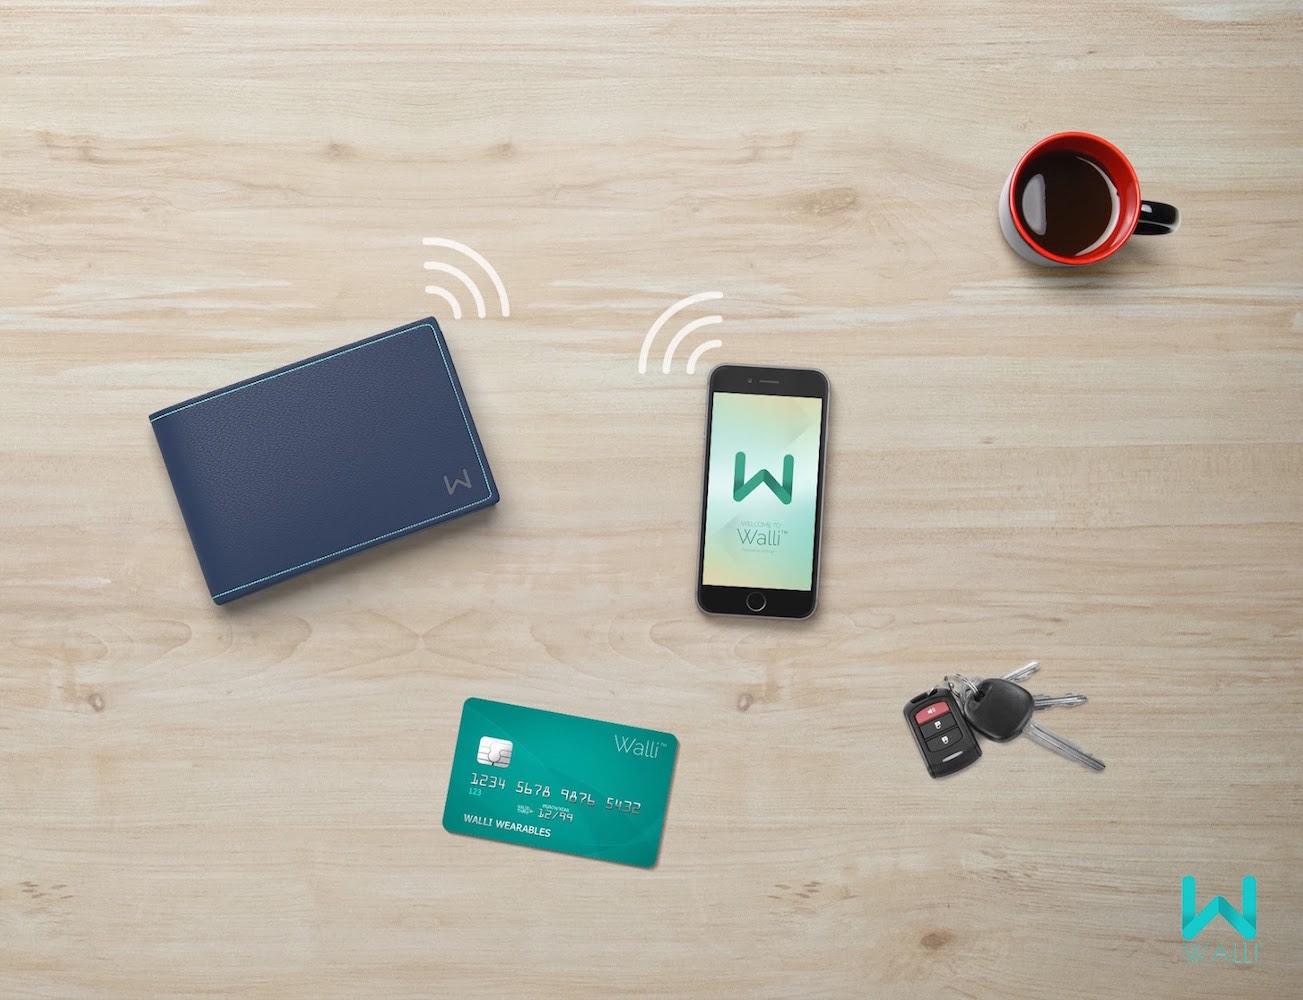 Walli – The Smart Wallet